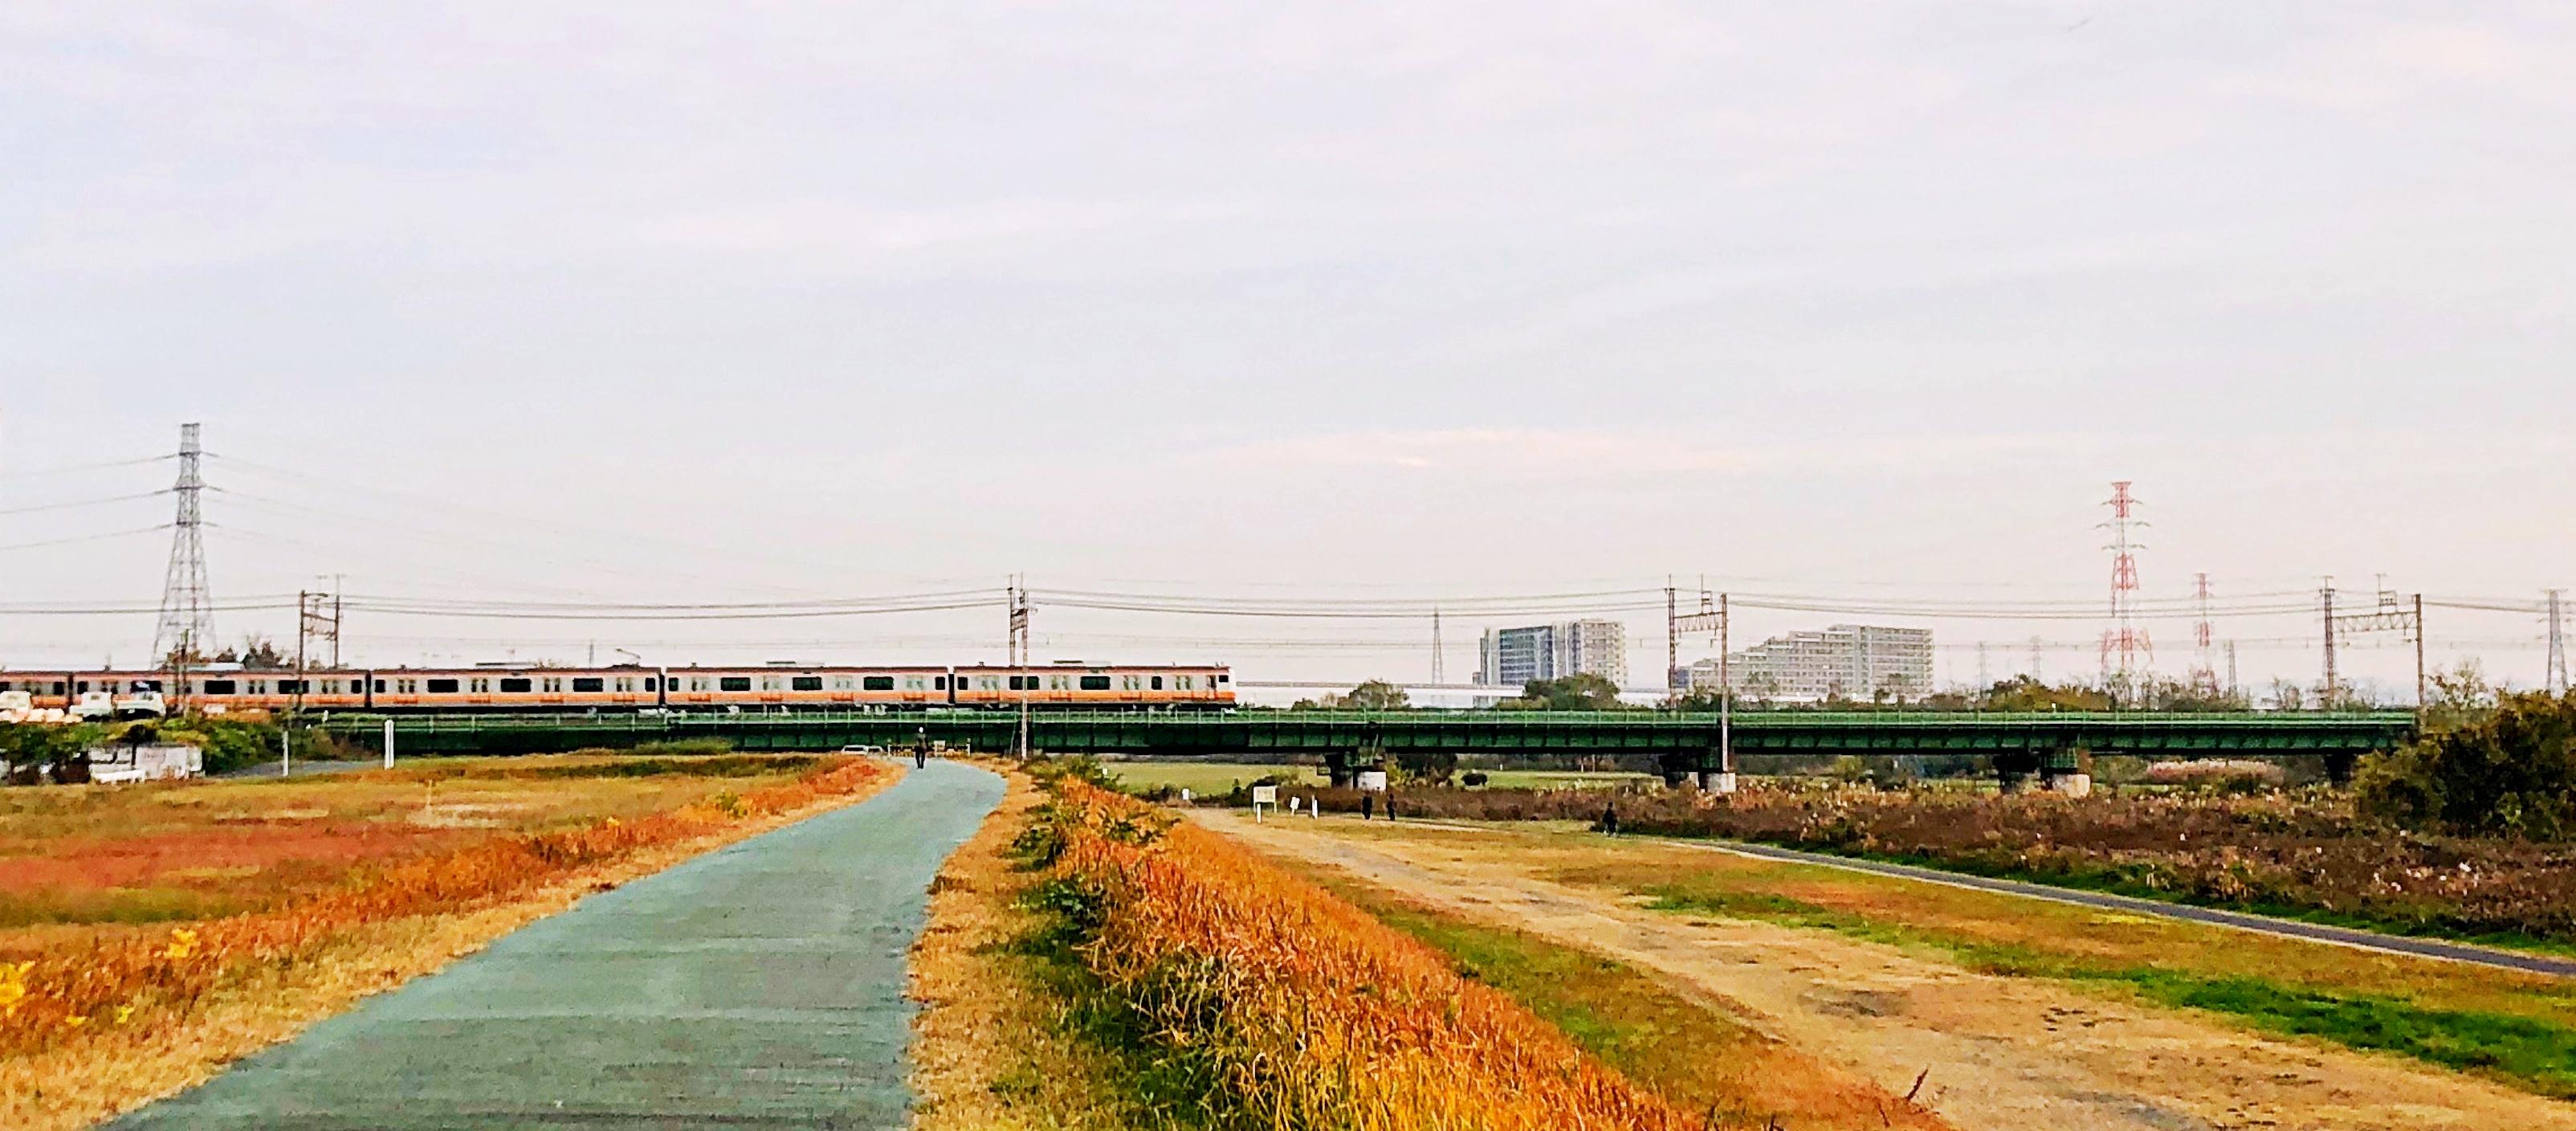 【2020 日本交通】地鐵、電車要用哪張交通卡?Suica、PASMO、ICOCA 日本交通 IC 卡海外優惠及使用攻略!